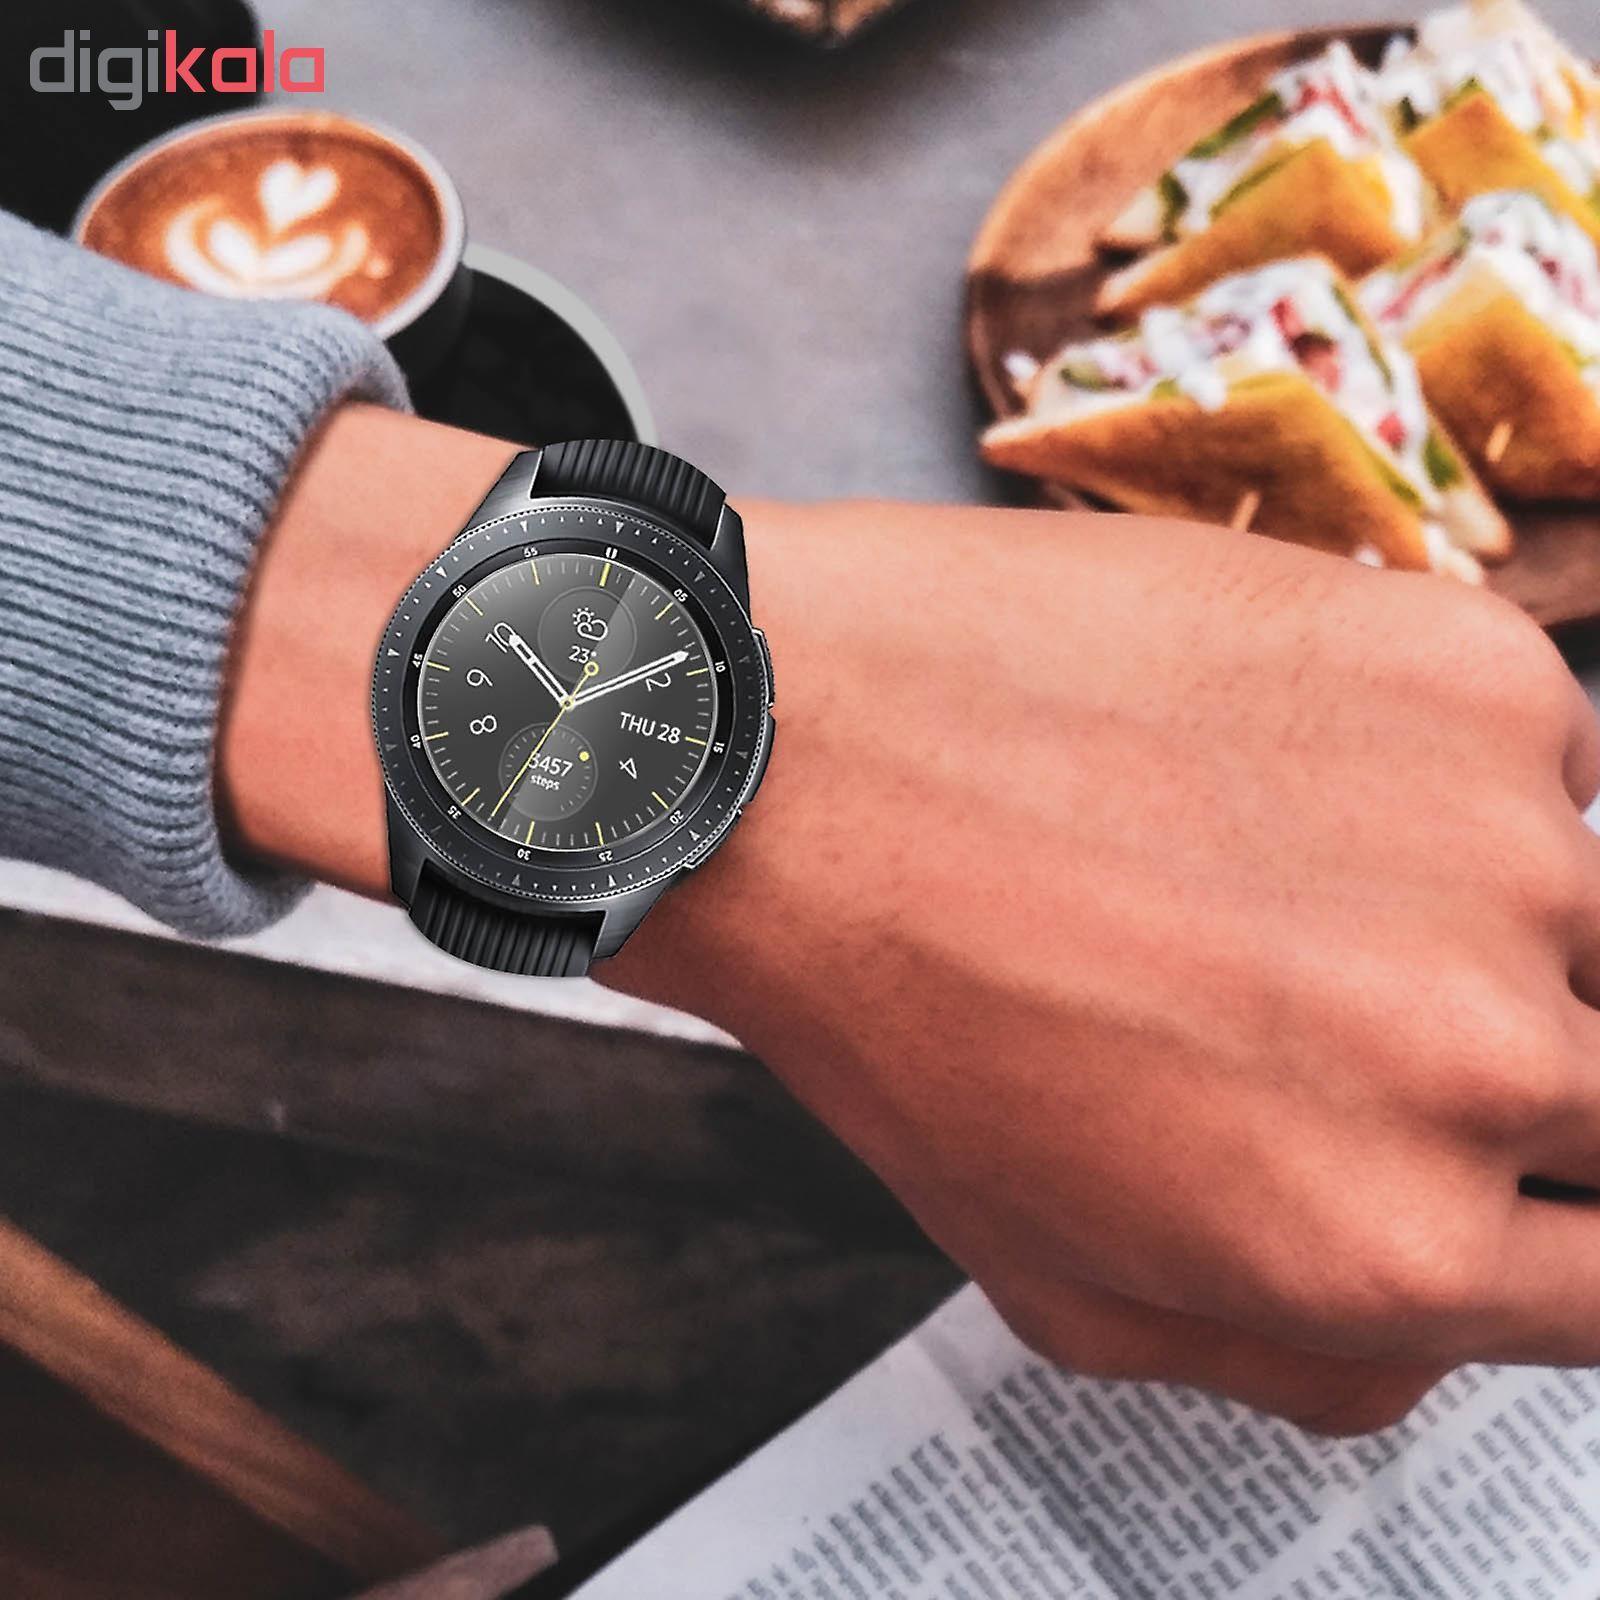 محافظ صفحه نمایش سیحان مدل CLT مناسب برای ساعت هوشمند سامسونگ Gear S3 main 1 3